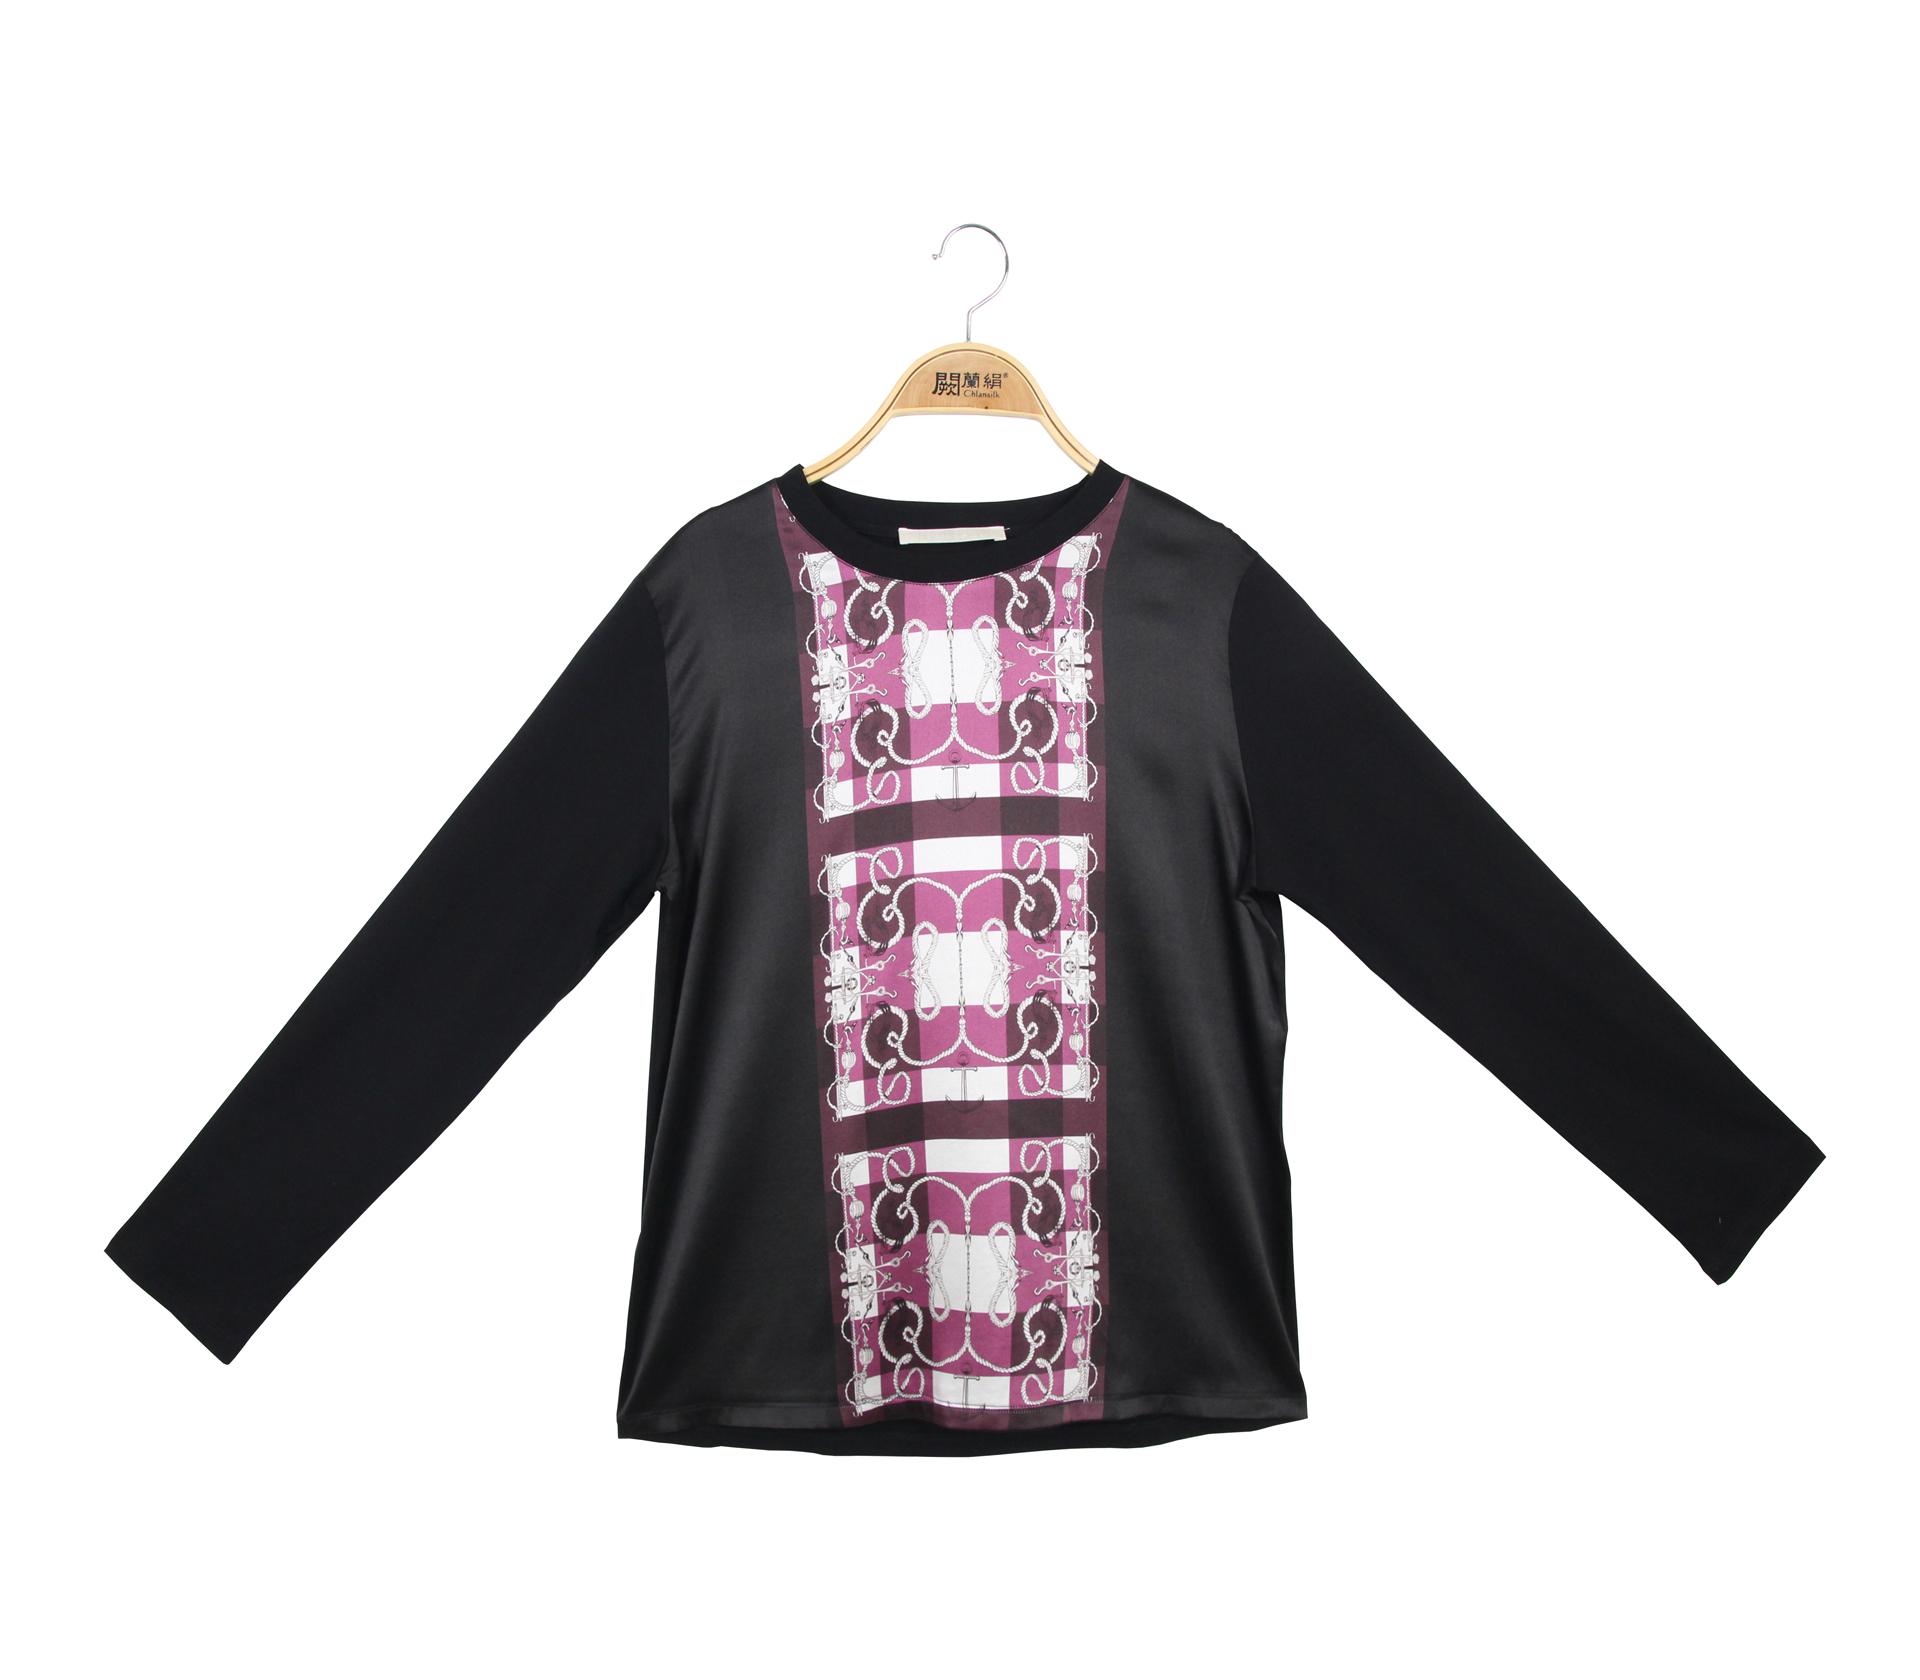 闕蘭絹獨特造型圖紋蠶絲長袖上衣 - 黑色 - 6636